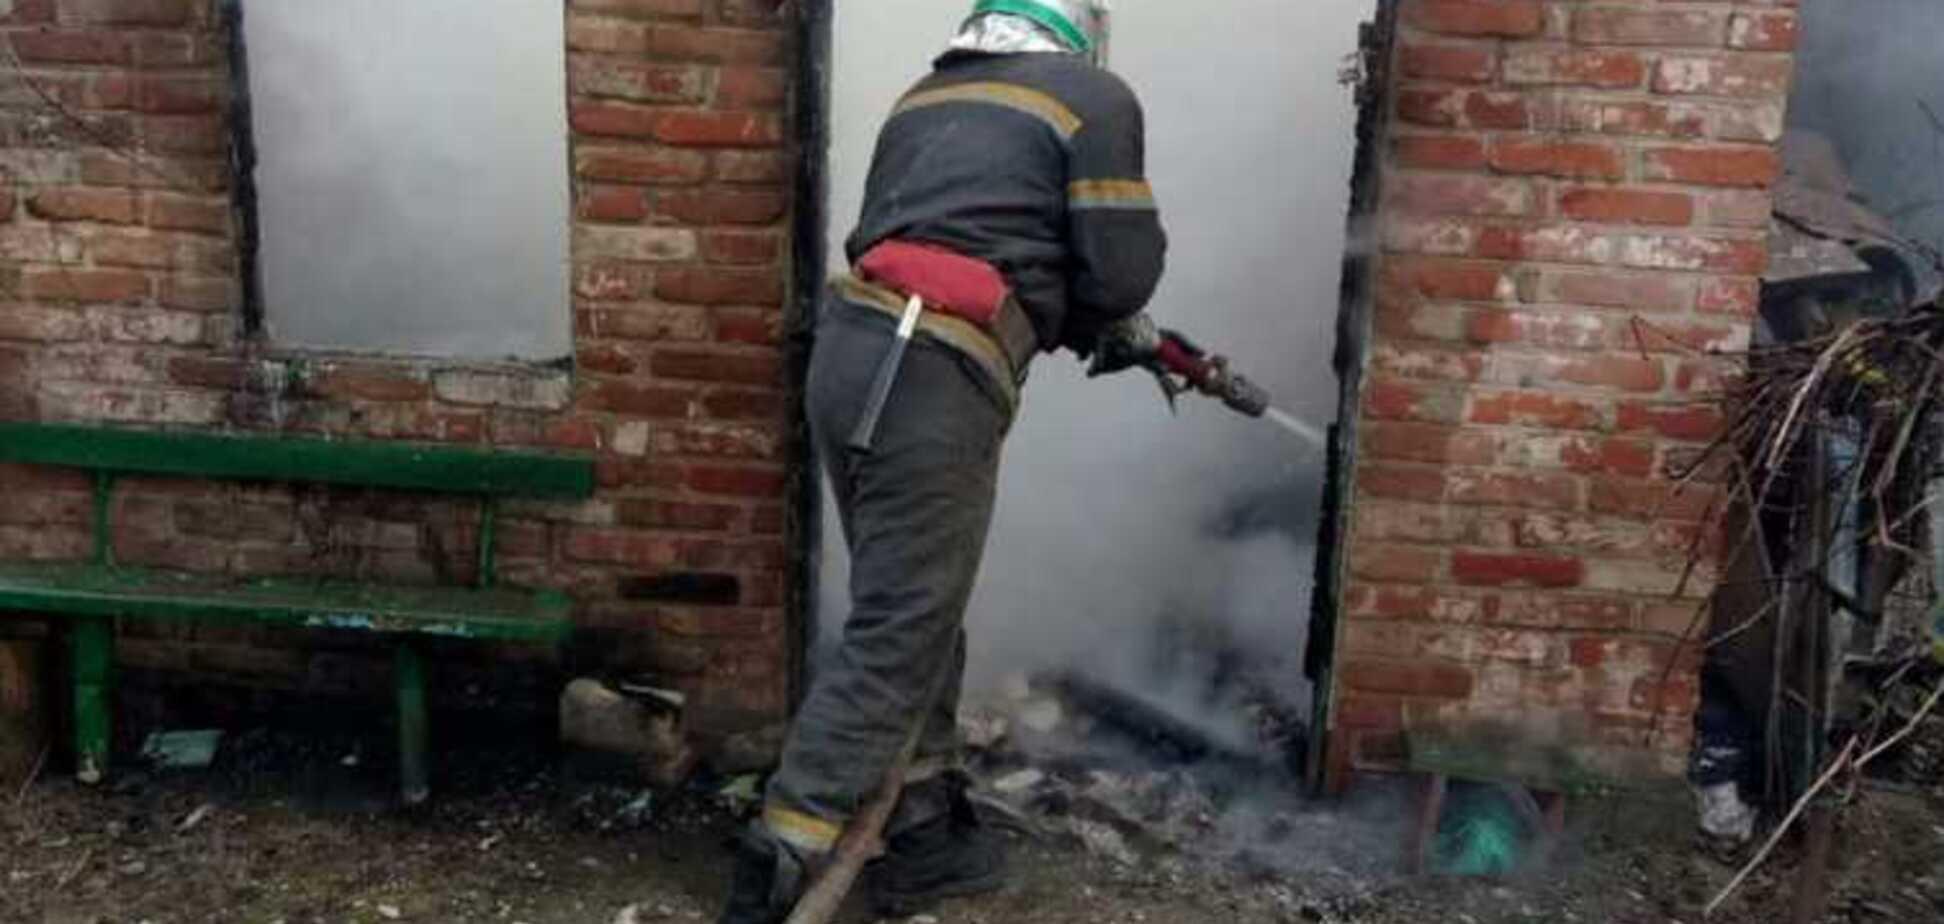 Під Дніпром на пожежі рятувальники знайшли обгоріле тіло чоловіка. Фото